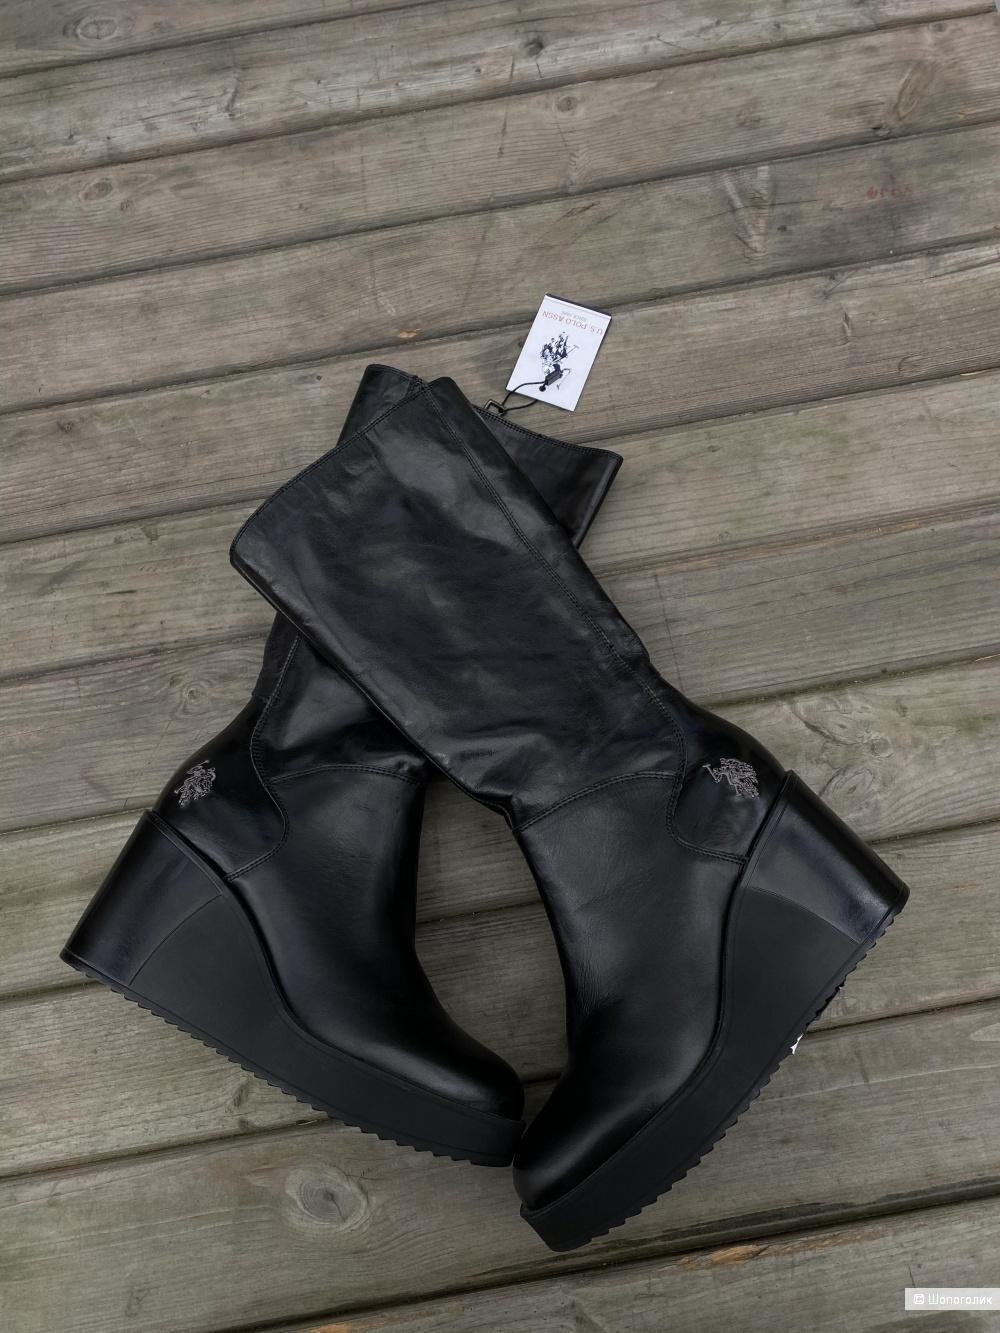 Кожаные сапоги US Polo assn, pp 38